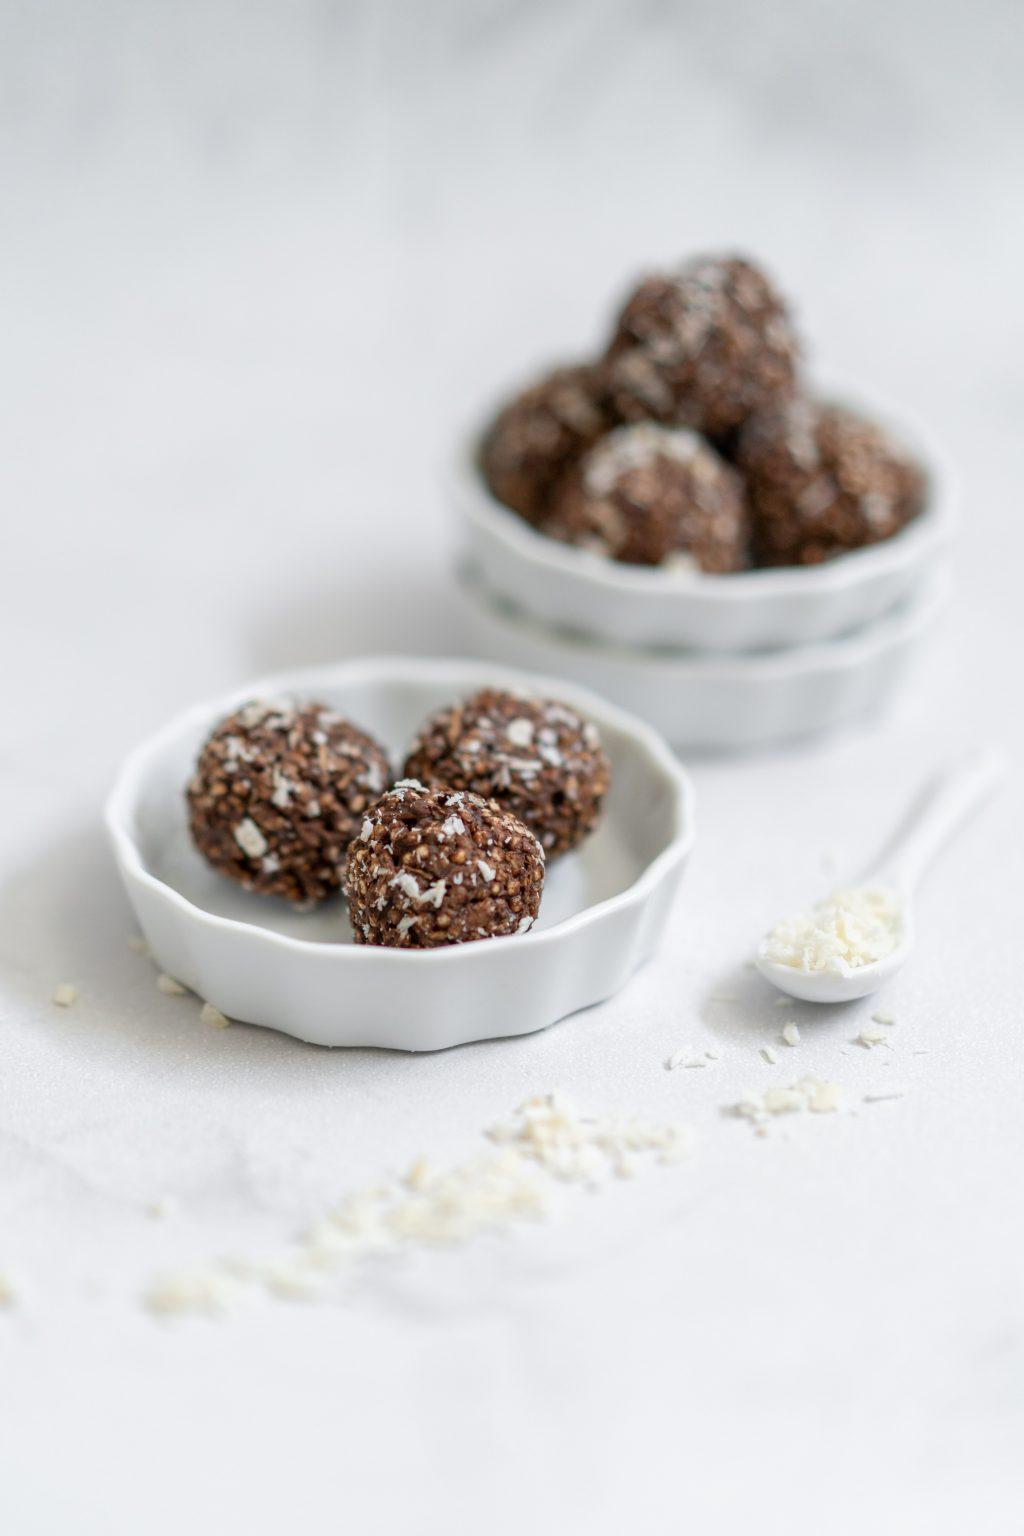 Bliss Balls met gepofte quinoa, chocolade en een vleugje kokos